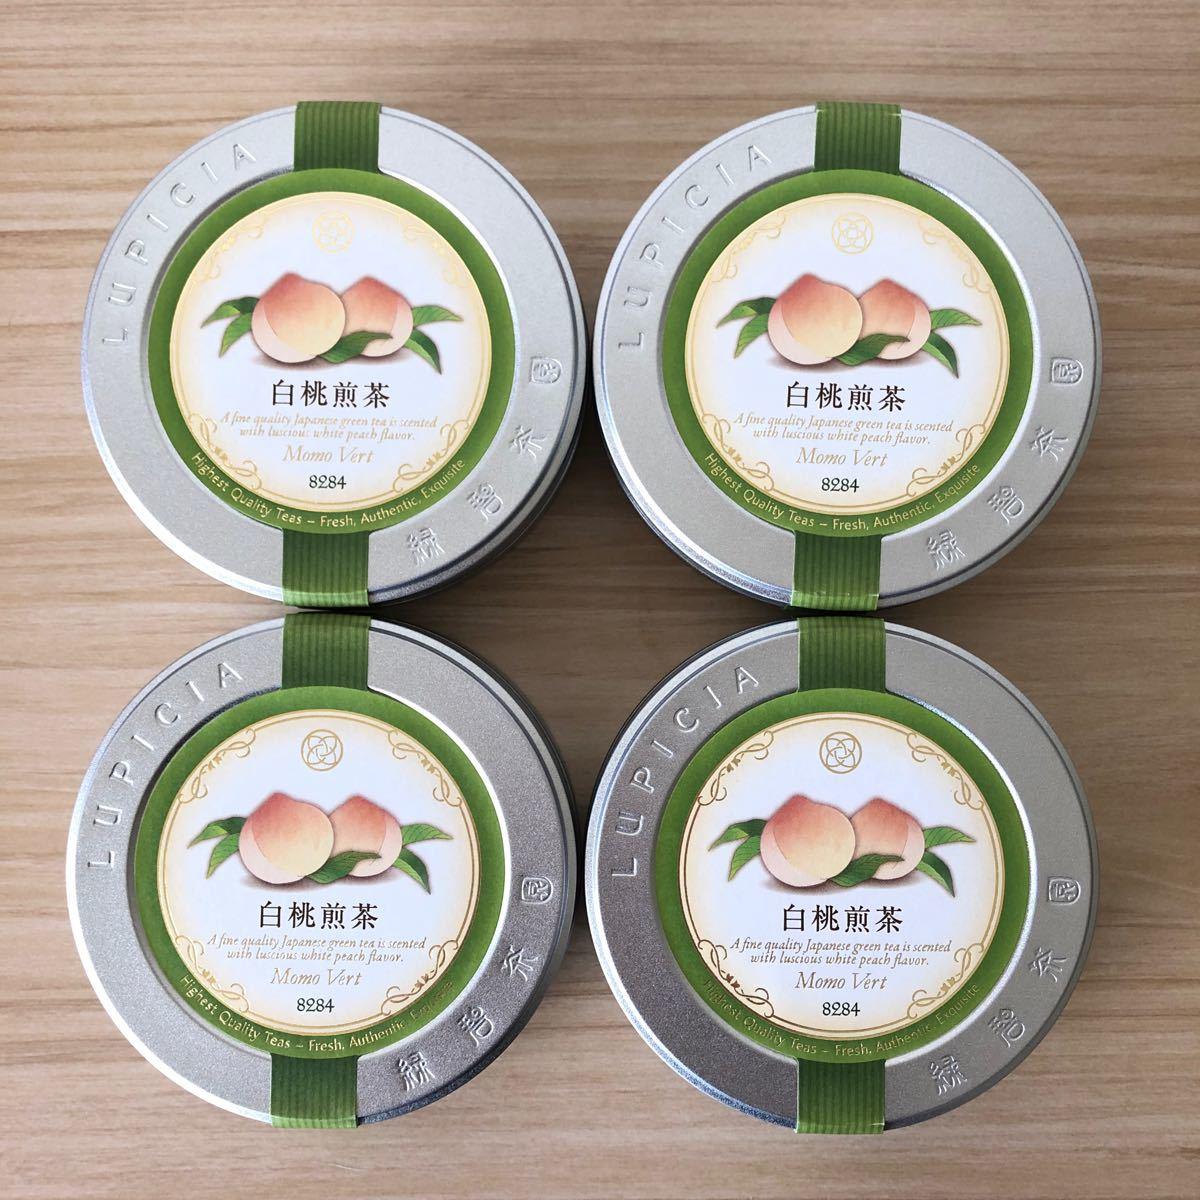 ルピシアLUPICIA白桃煎茶 茶葉 缶入り 4個セット